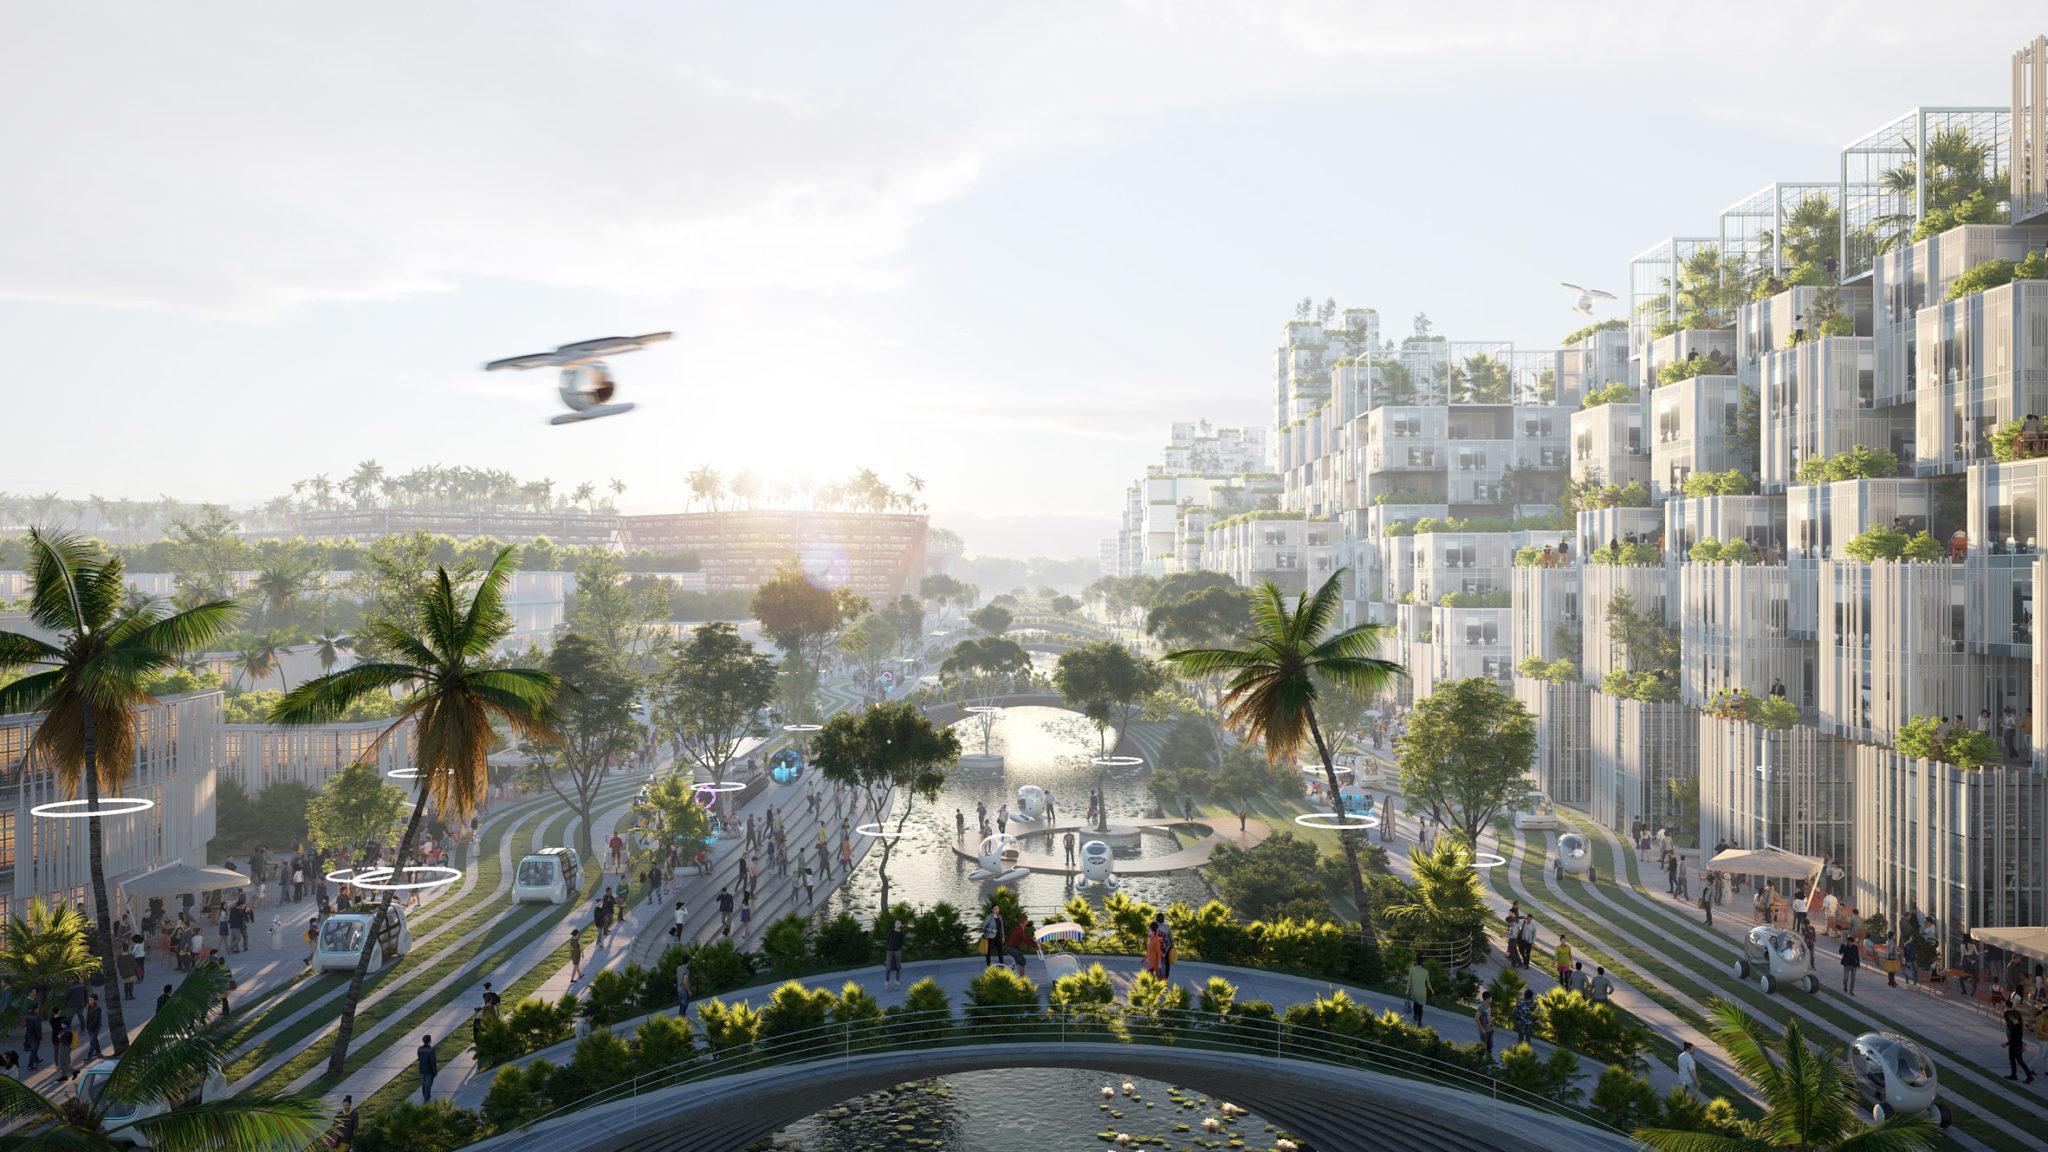 У Малайзії побудують екологічне місто на трьох штучних островах: фото